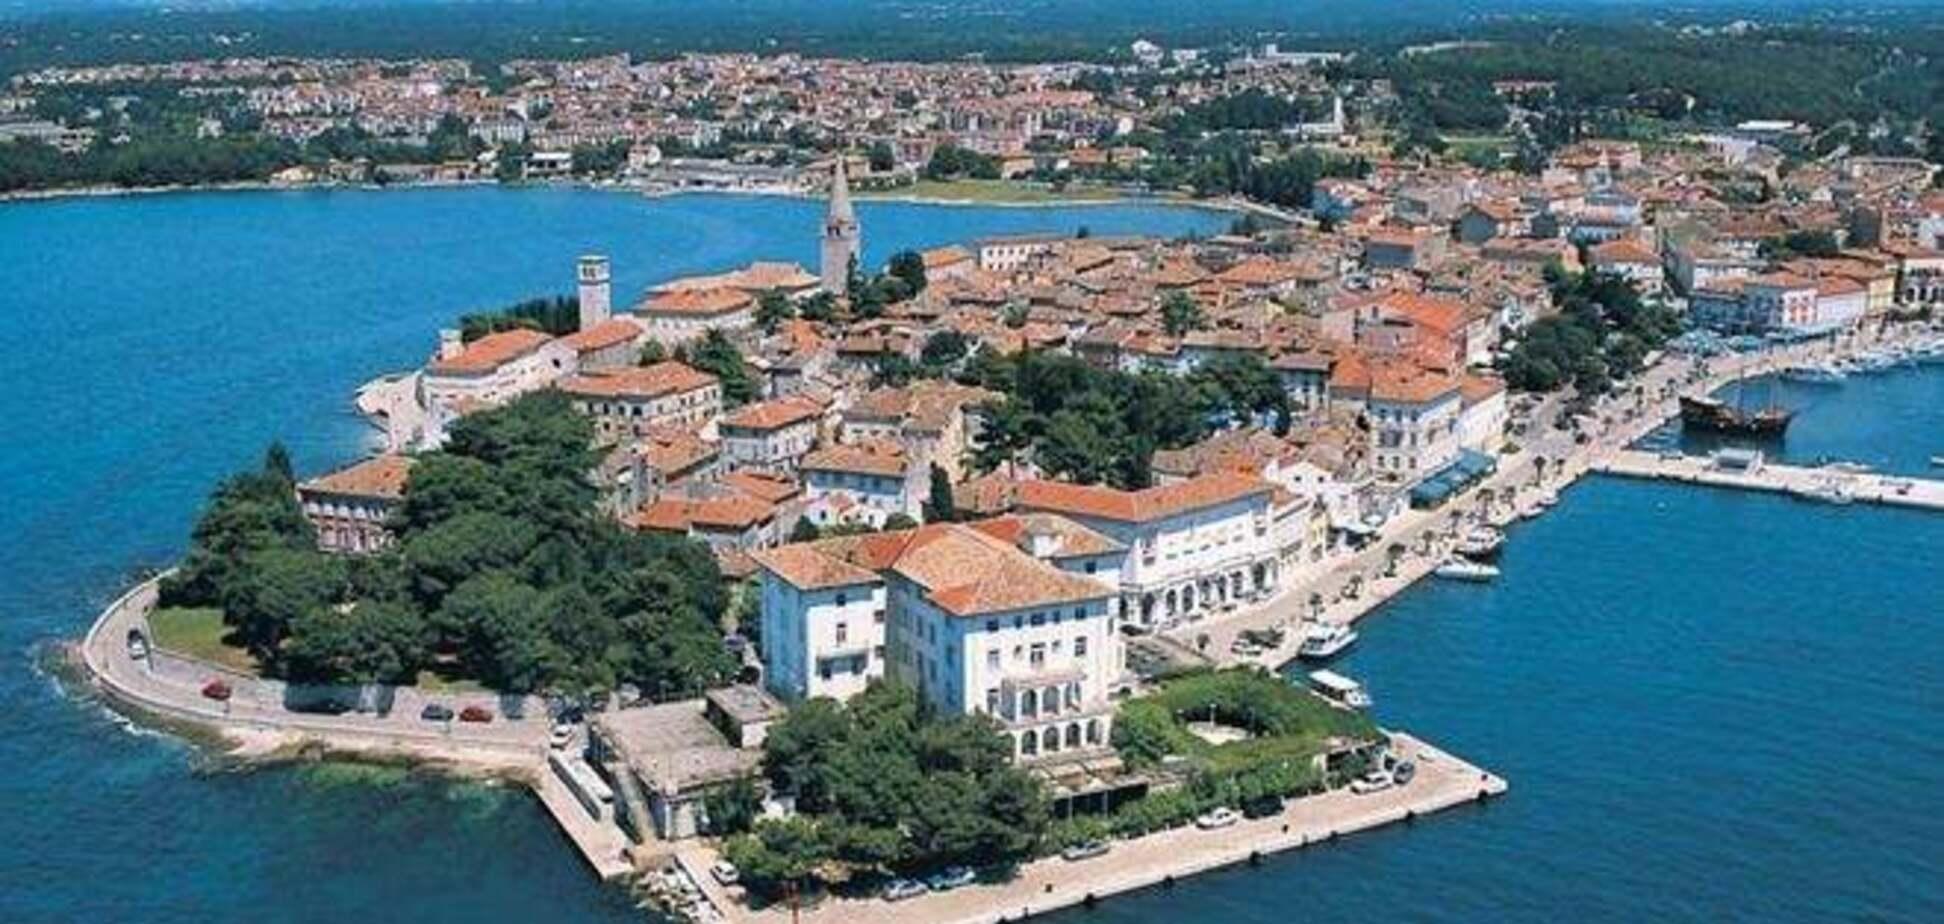 Земля в Хорватии дешевеет со скоростью 13% в год